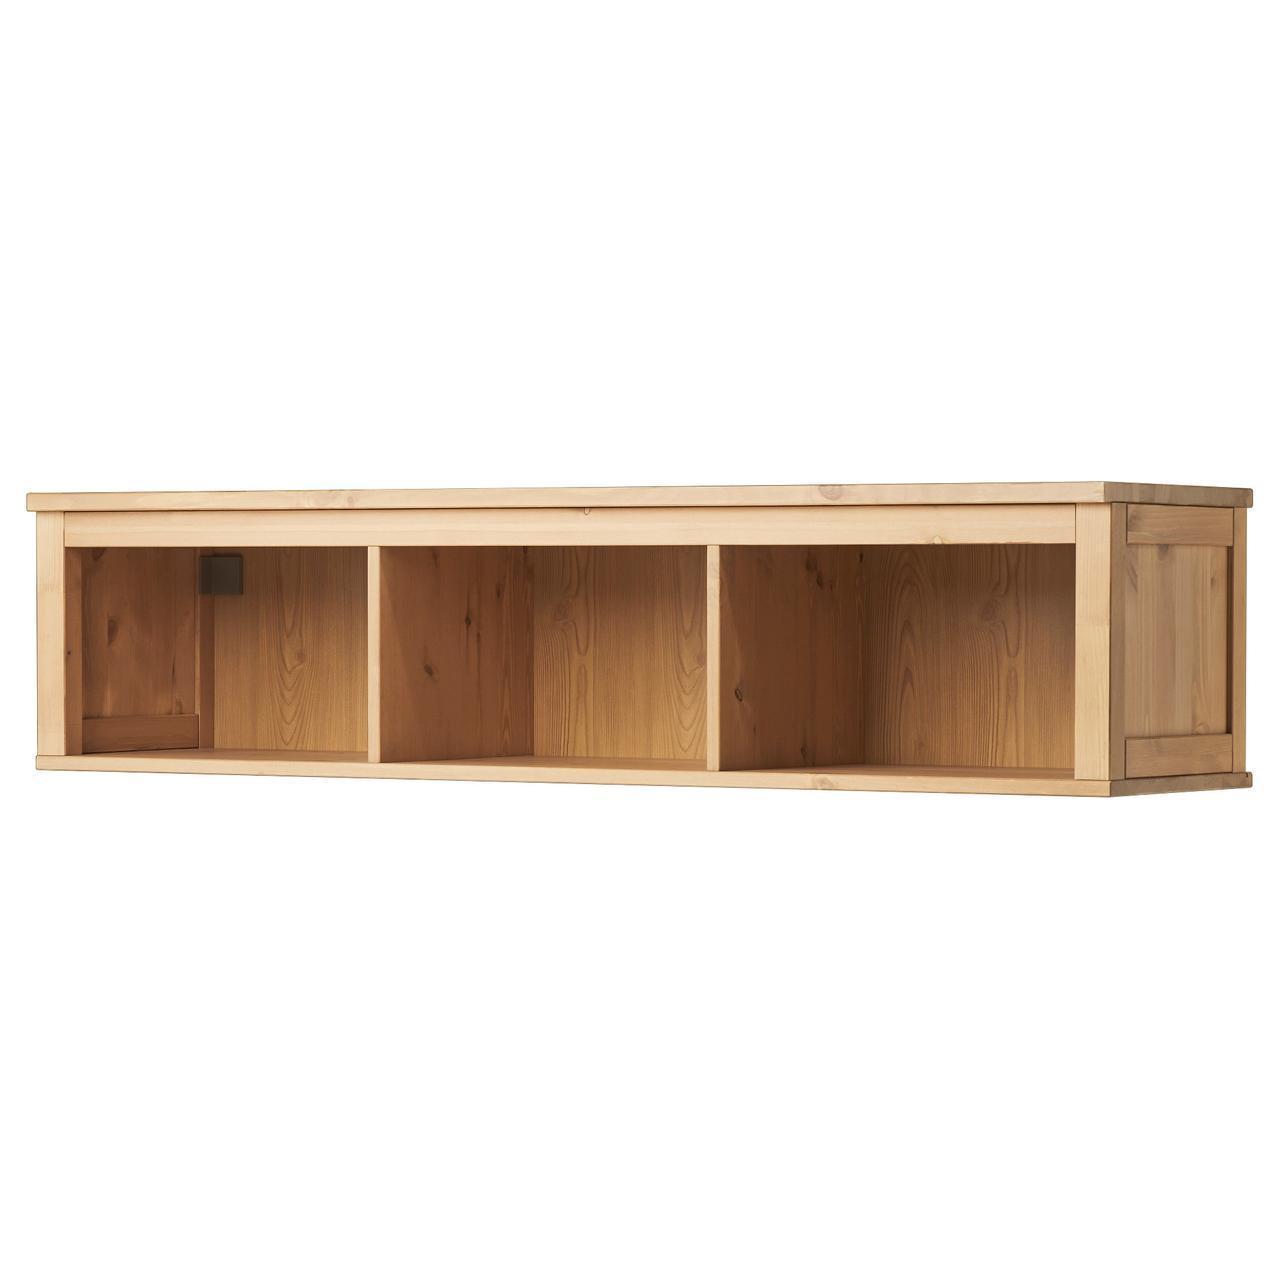 IKEA HEMNES Настенная полка, светло-коричневый  (802.972.19)